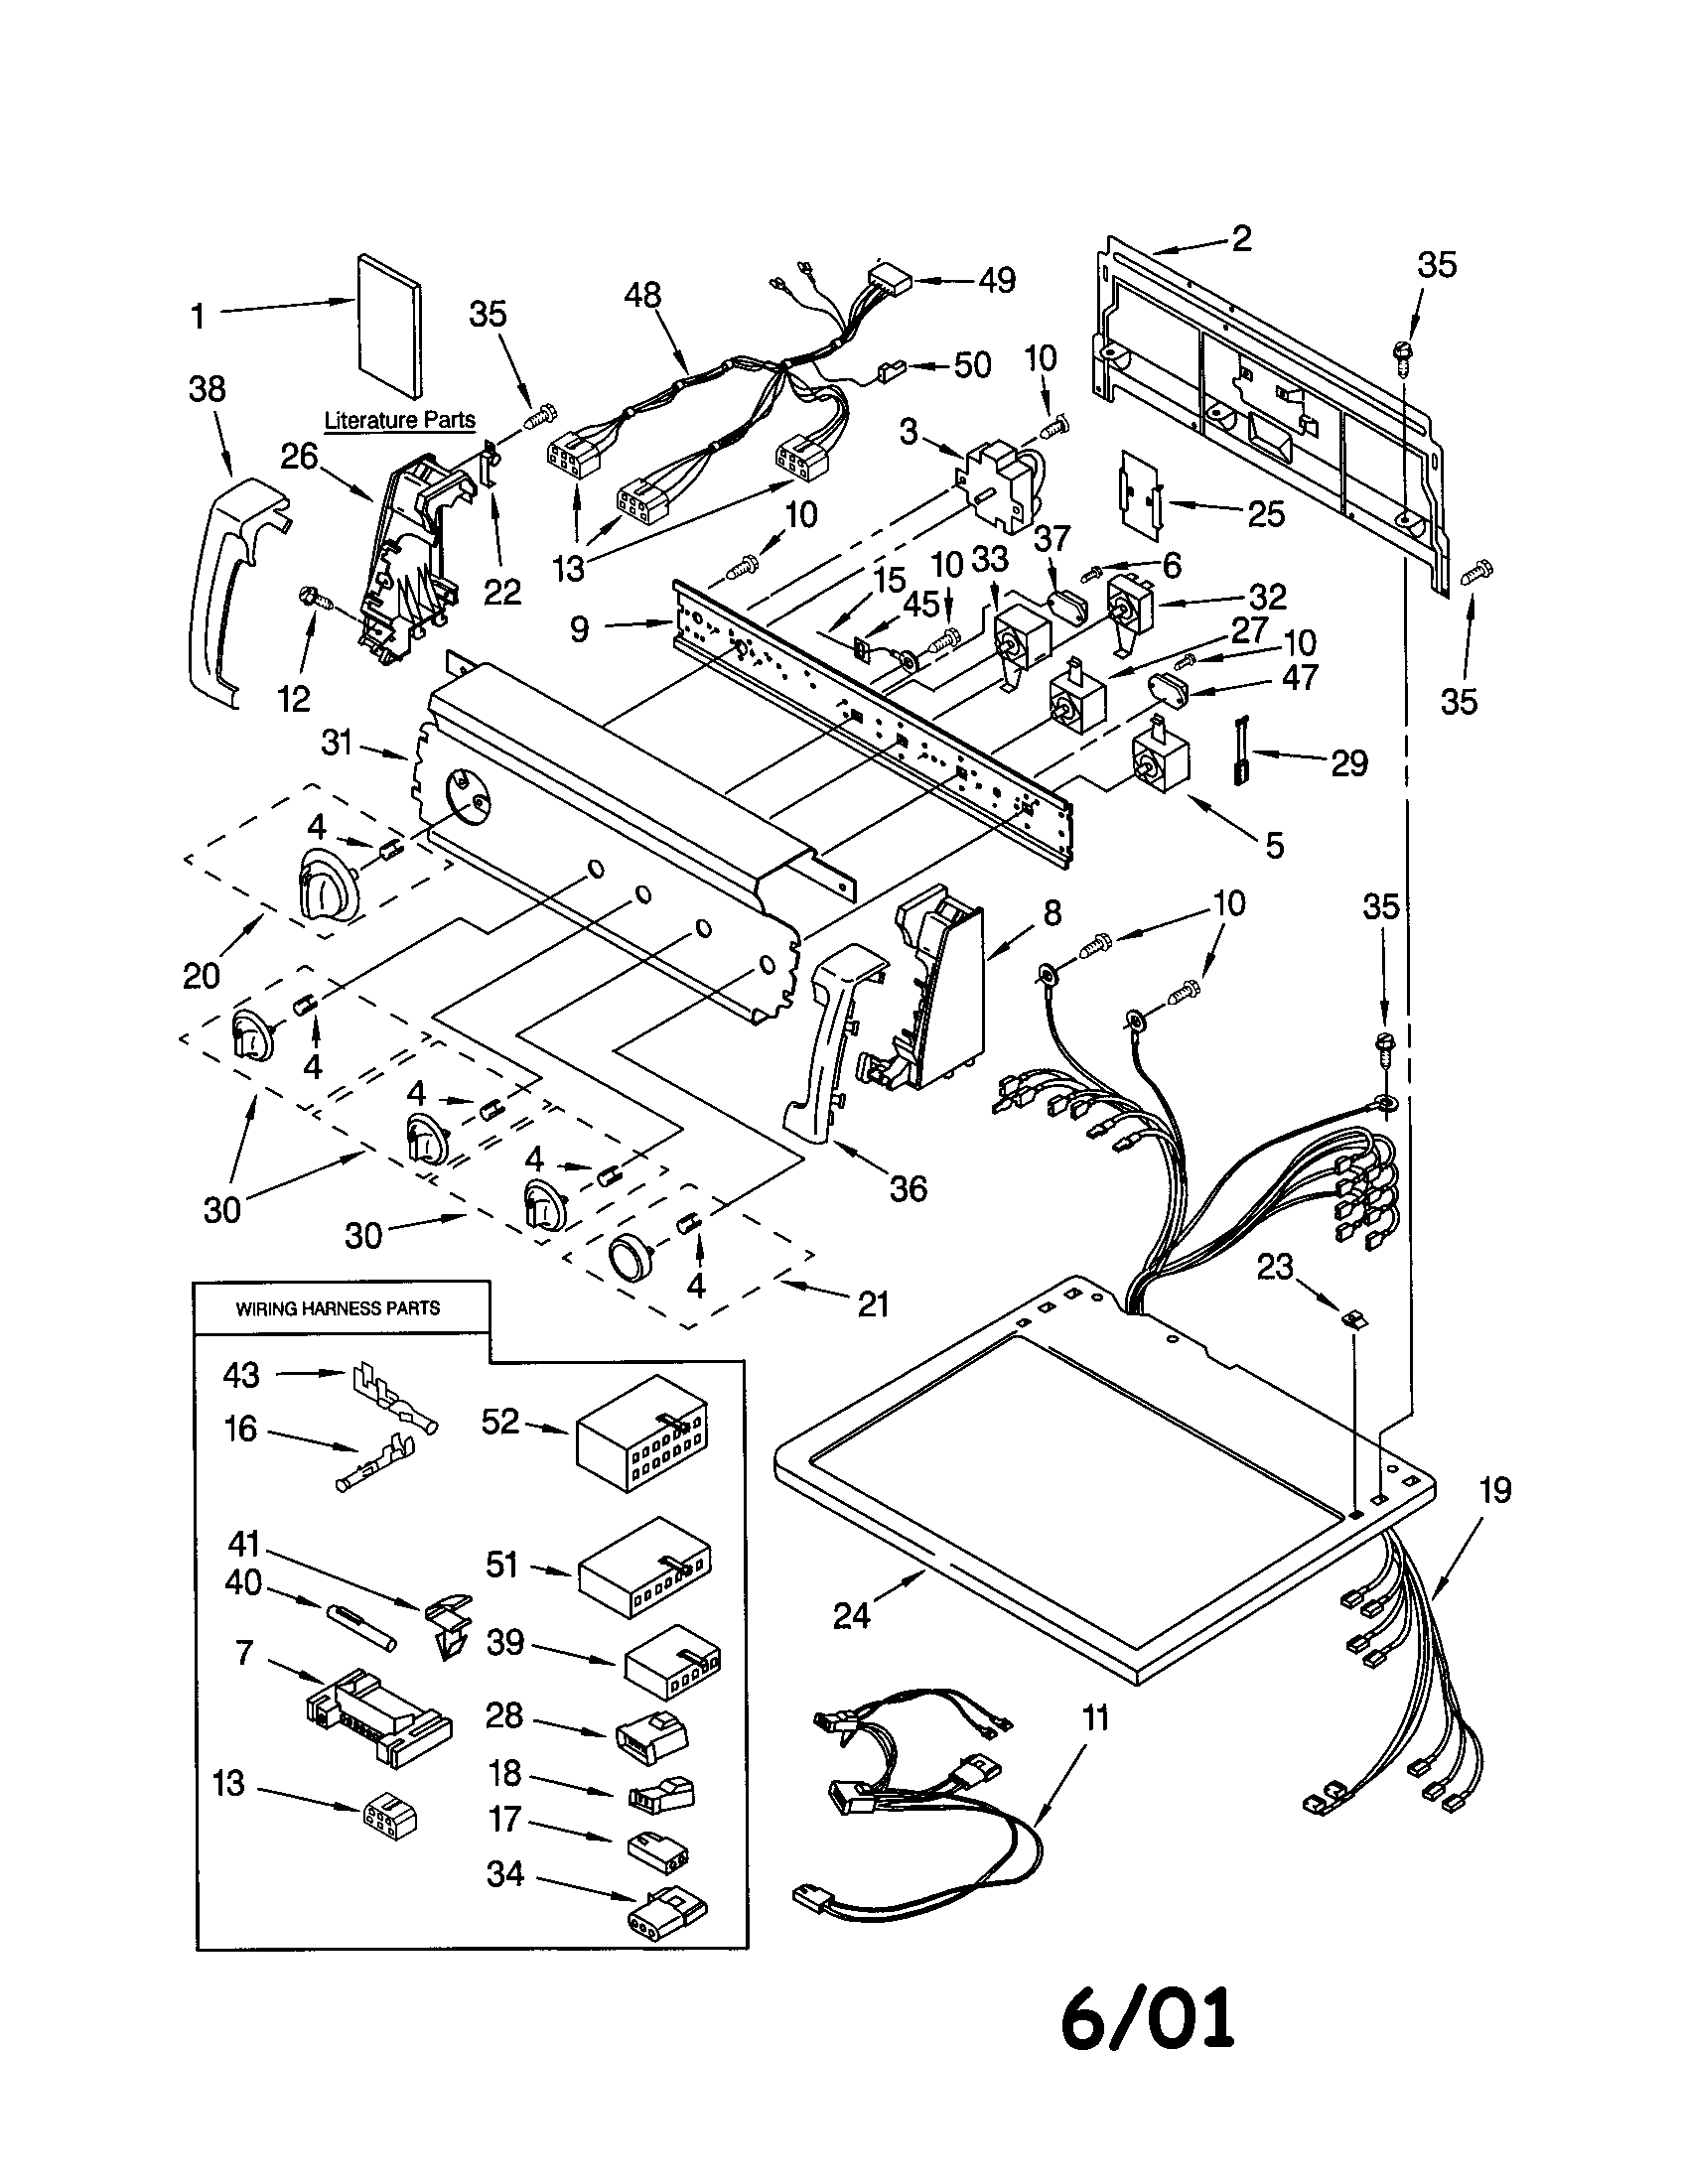 Kenmore series washer wiring diagram get free image